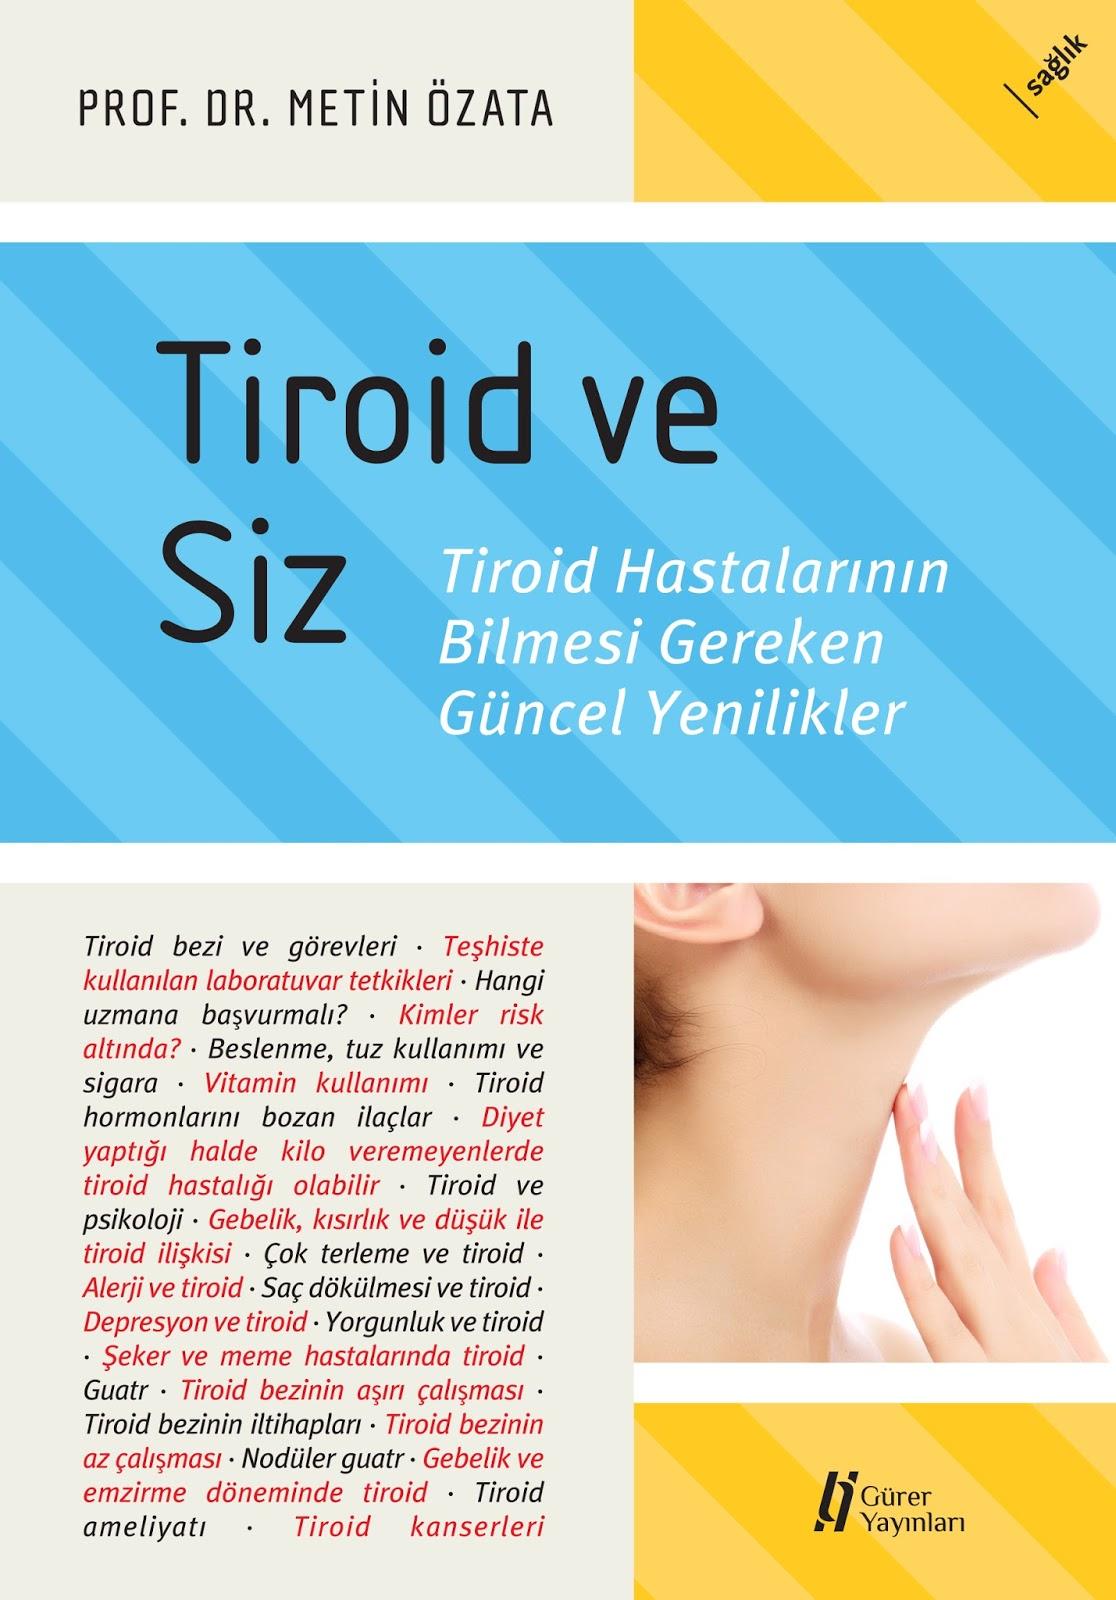 Tiroid bezi alınırsa ne olmaktadır